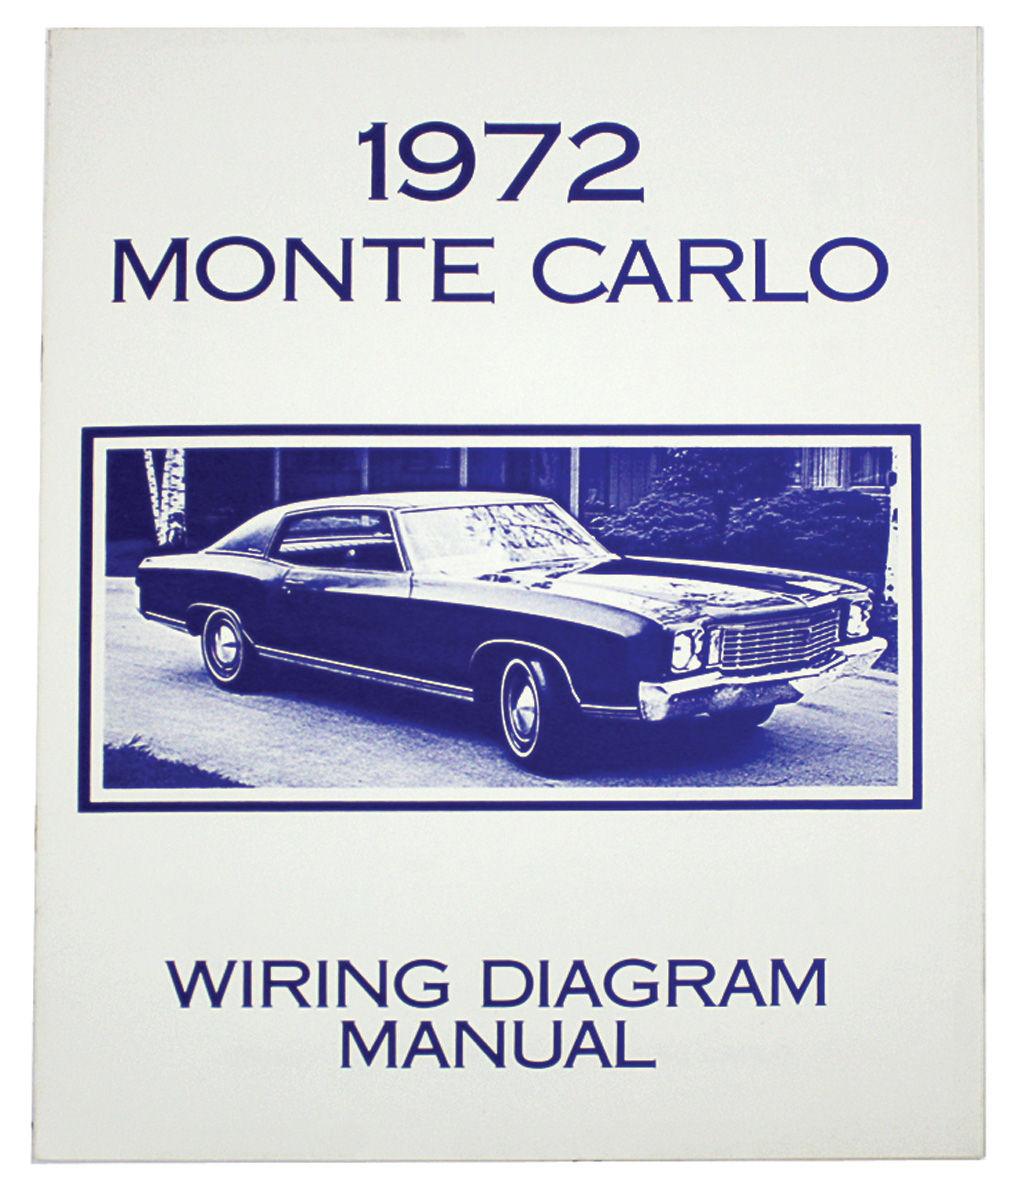 medium resolution of monte carlo wiring diagram manuals opgi com rh opgi com 1972 chevy blazer wiring diagram 1996 chevy monte carlo